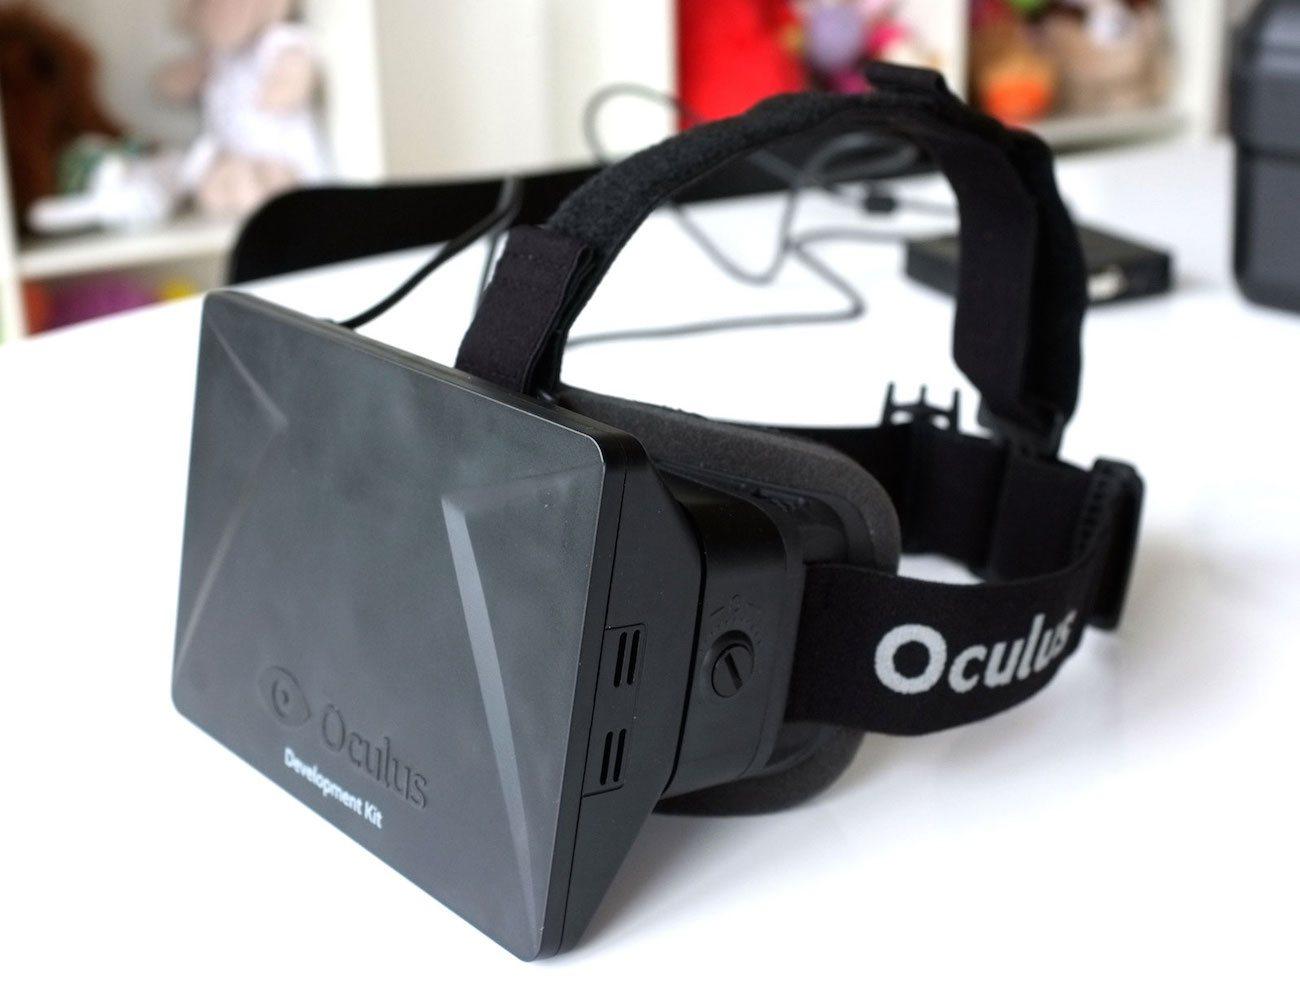 oculus-rift-developers-kit-02